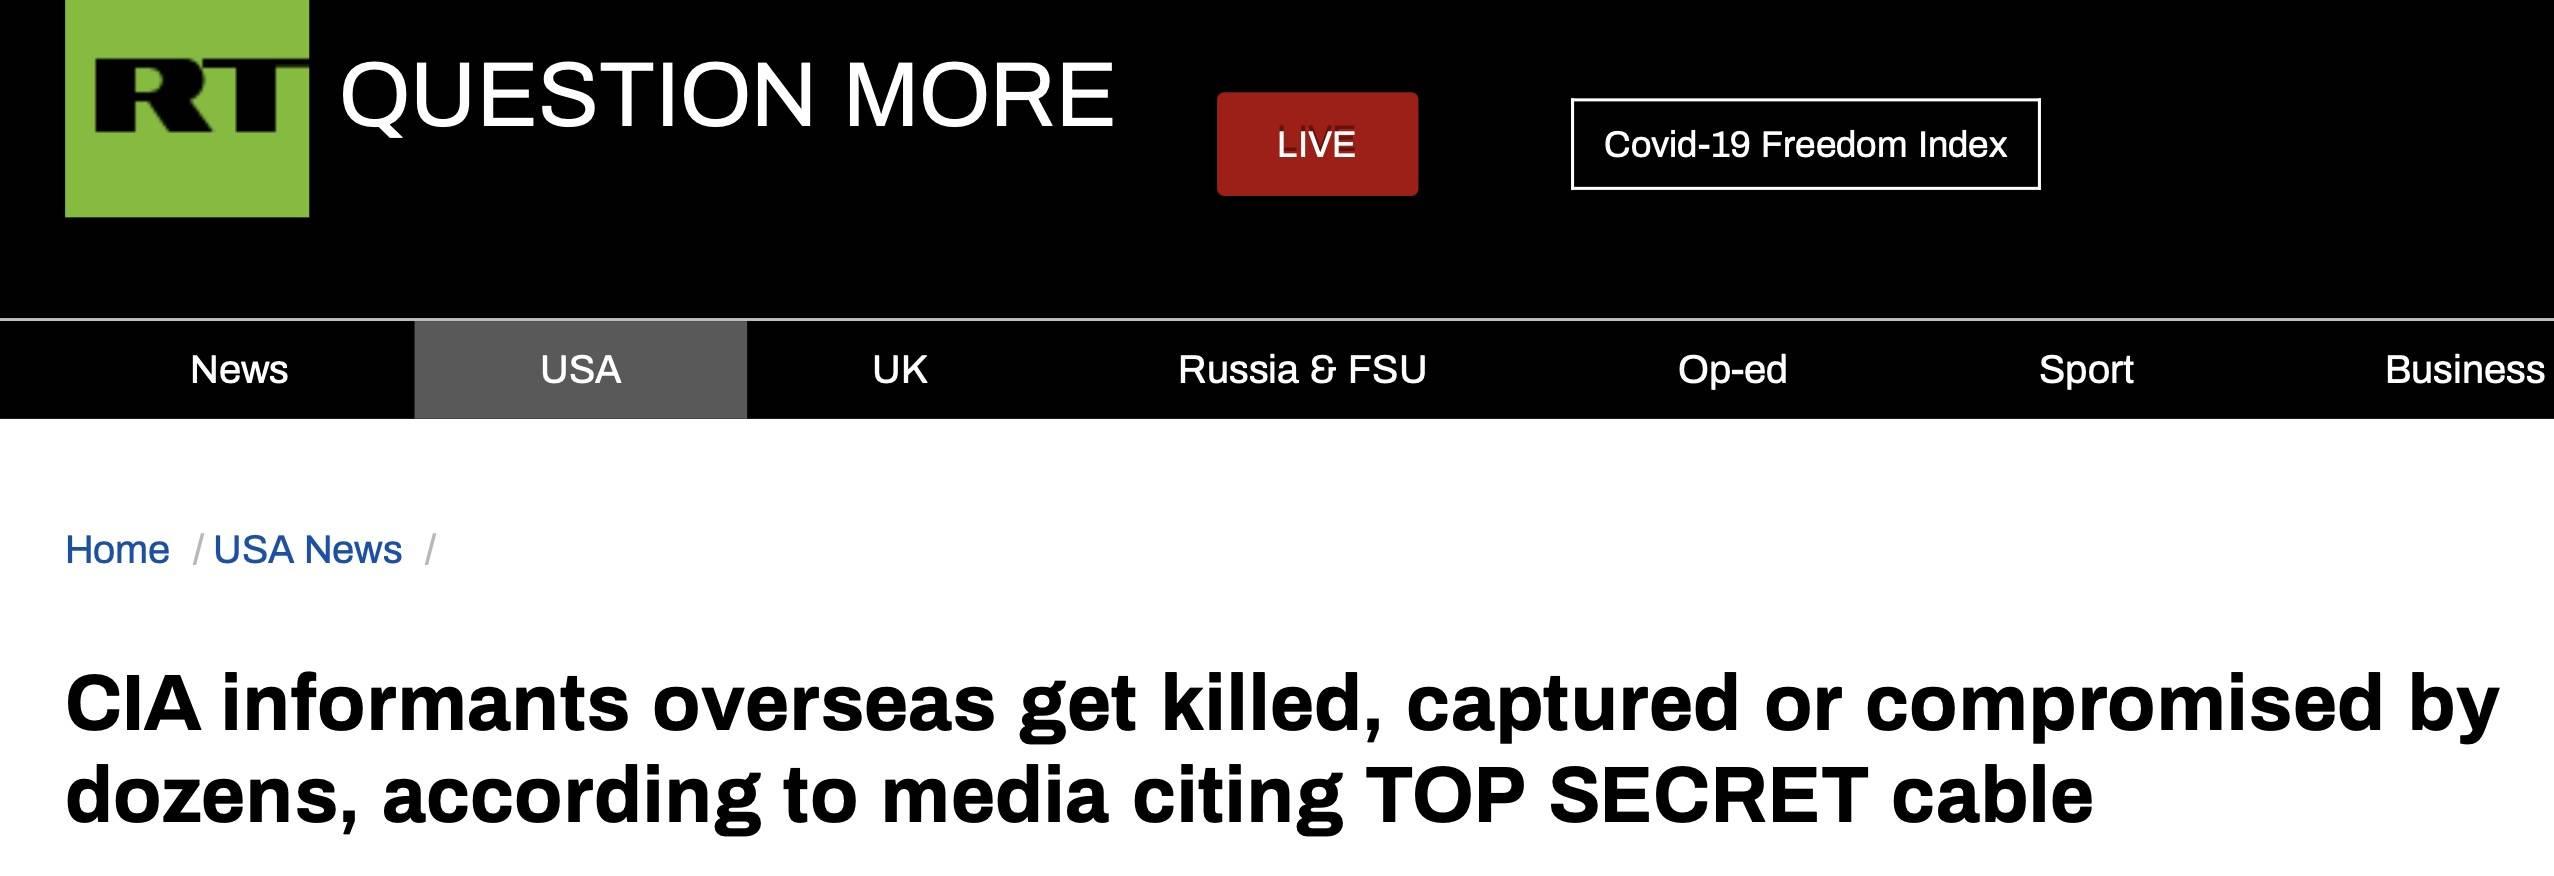 """外网最新消息!CIA数十名海外线人被杀被捕或被策反,忙发电报敦促加强""""线人管理"""" (图1)"""